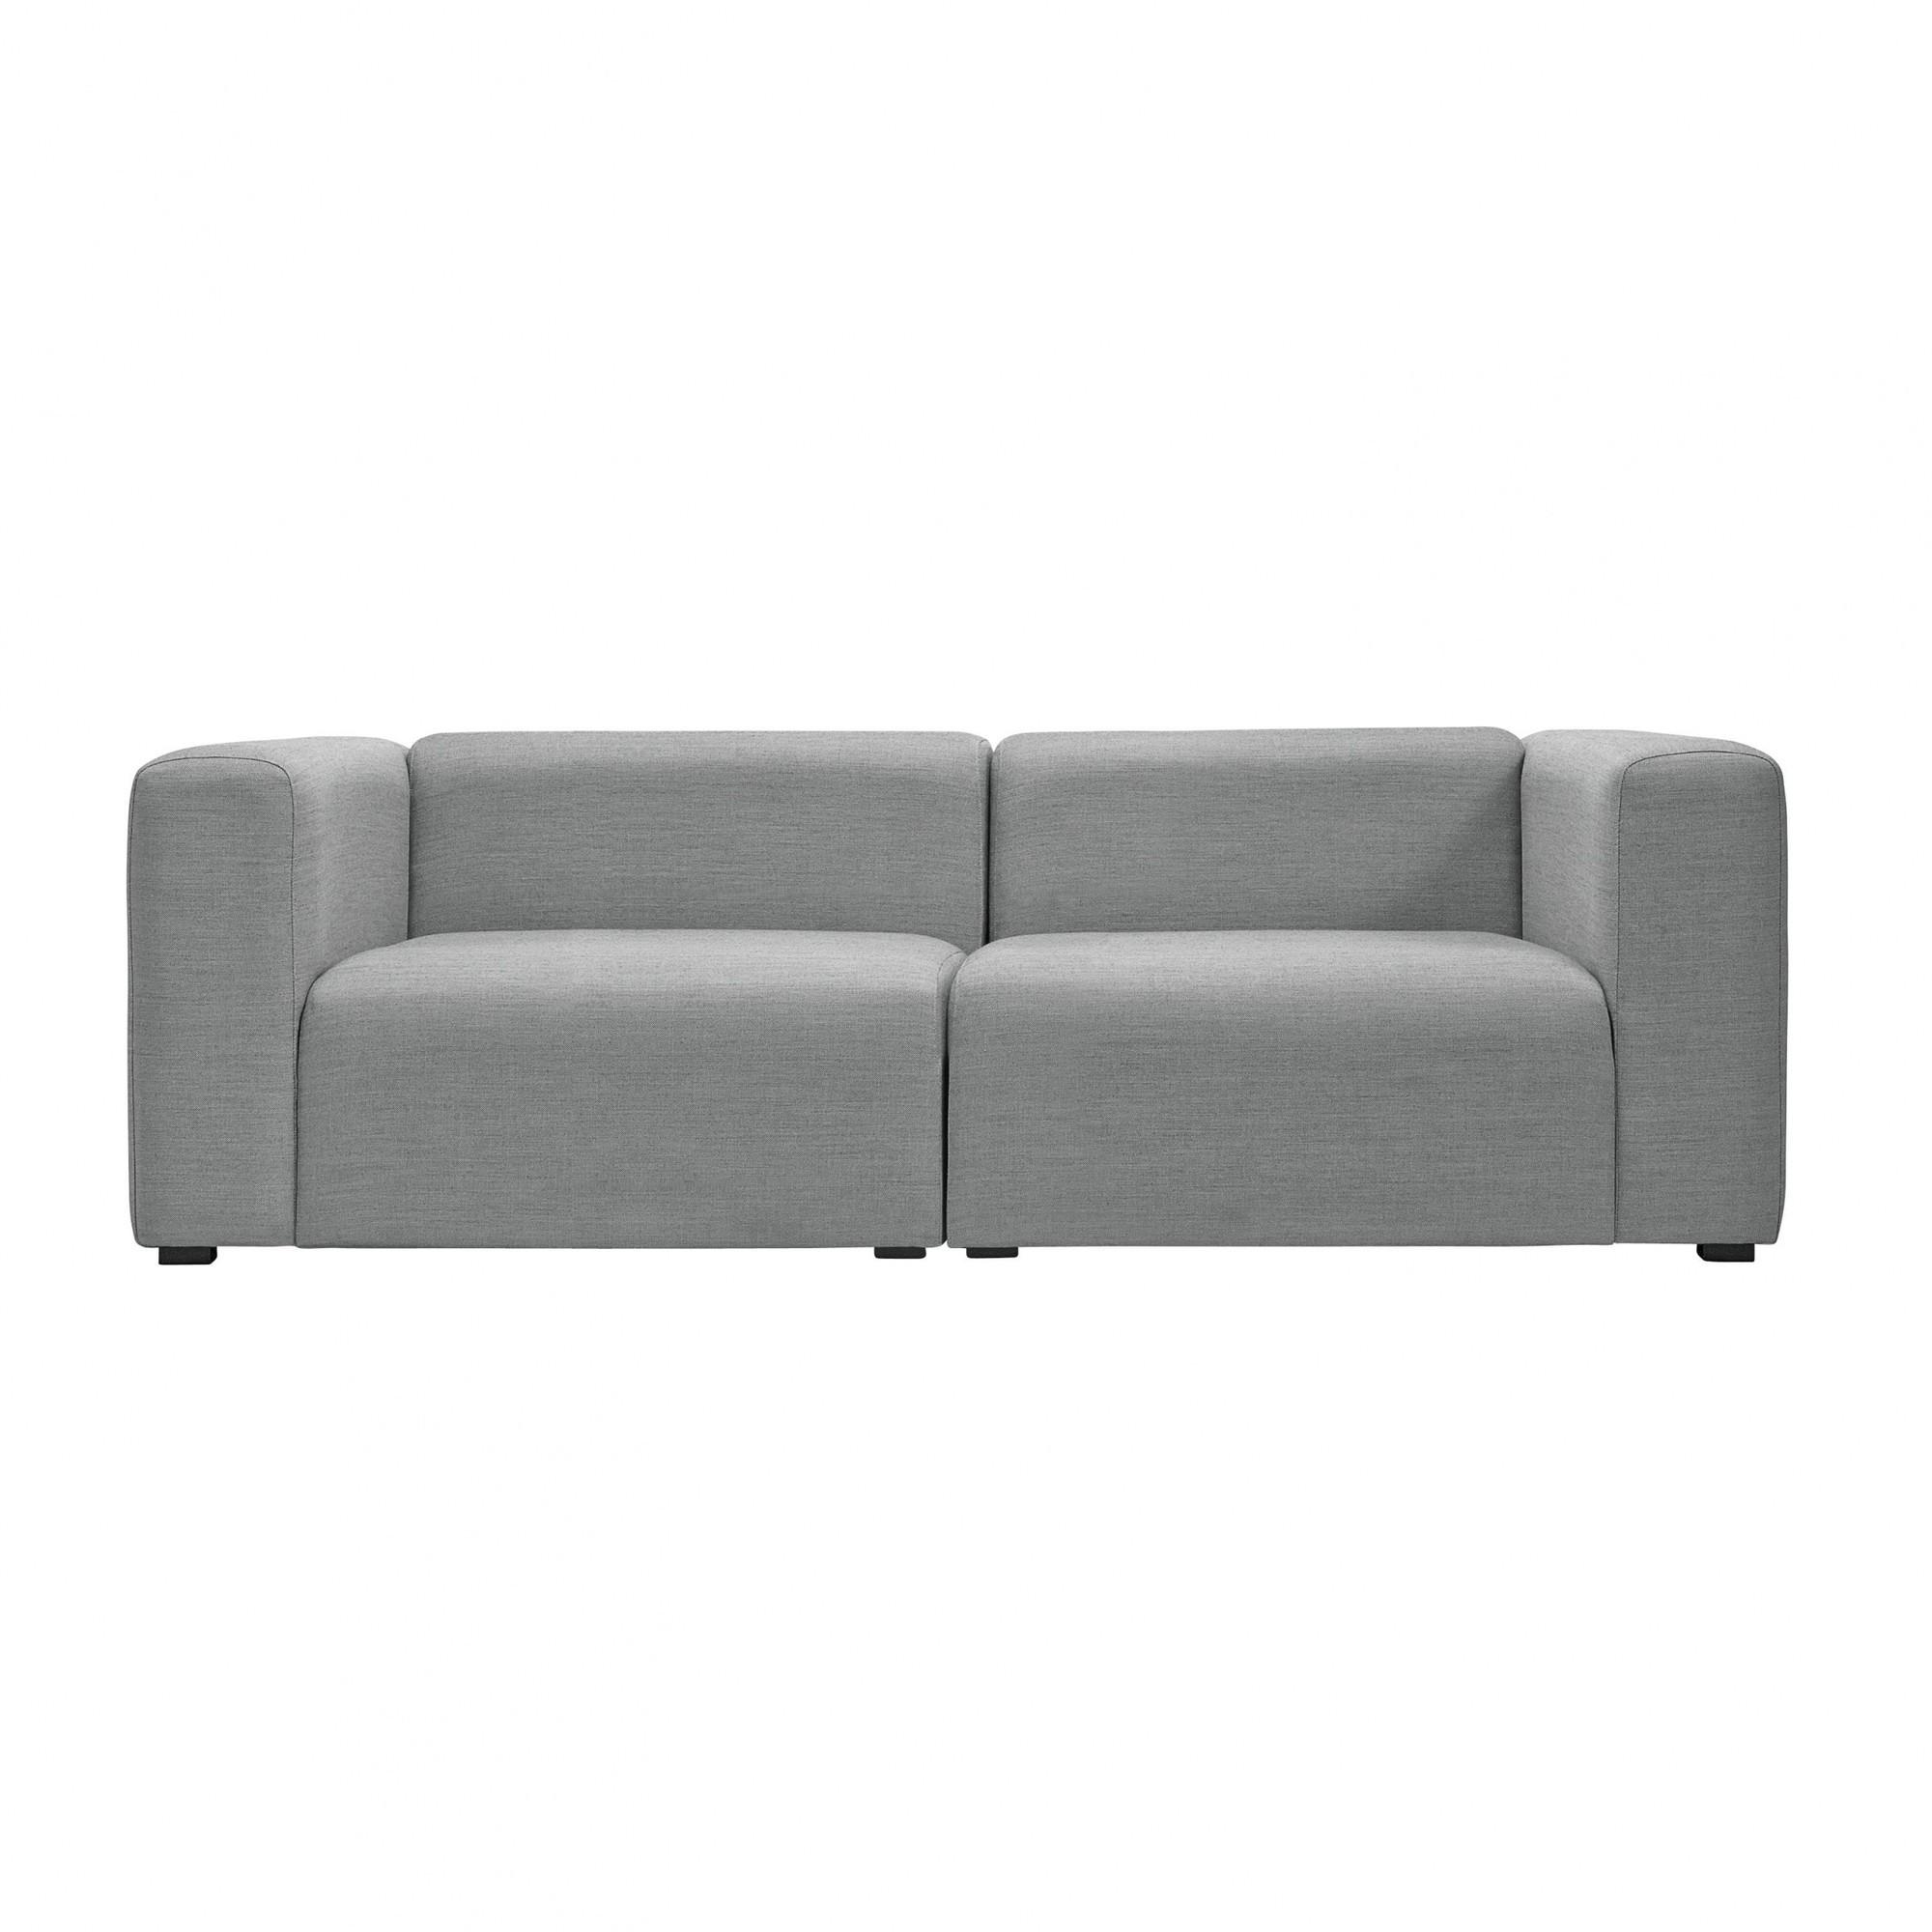 Full Size of Sofa Grau Stoff Grober Meliert Kaufen Big Ikea Gebraucht 3er Couch Reinigen Chesterfield Hay Mags 2 Xora Kleines Höffner Natura Bullfrog Zweisitzer Polster Sofa Sofa Grau Stoff